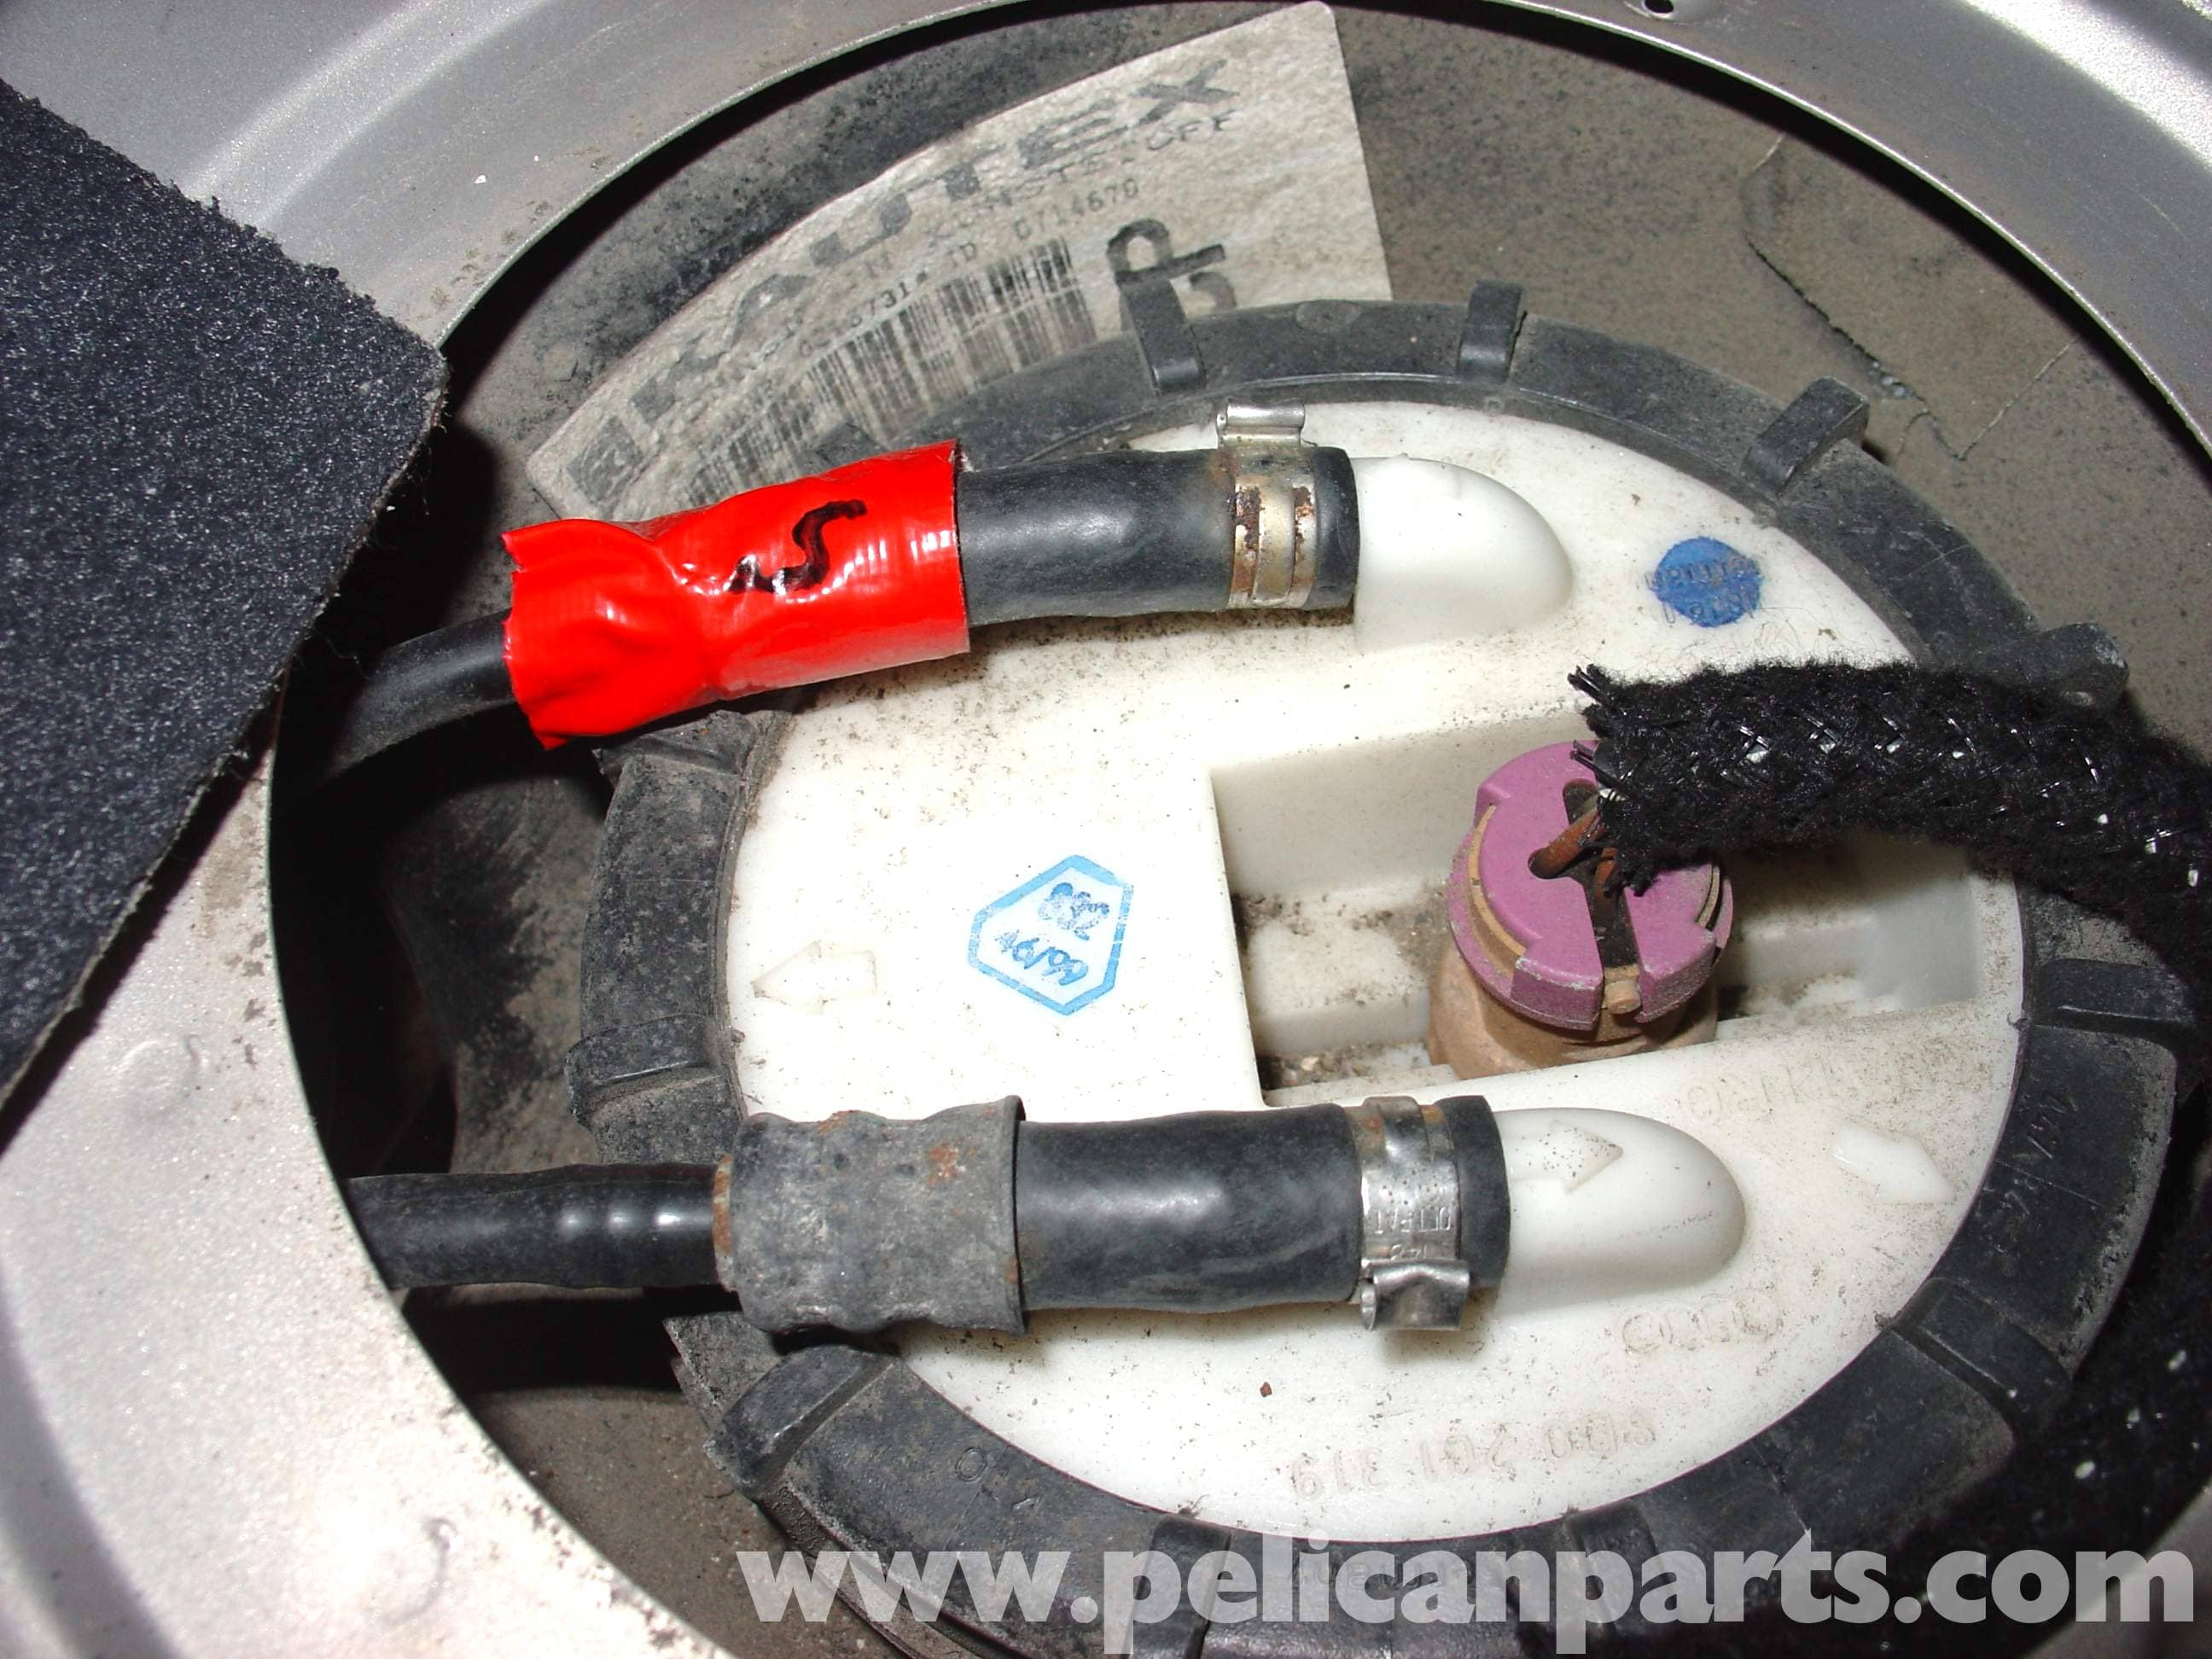 Audi A4 1.8T Volkswagen Fuel Pump Replacement | Golf, Jetta, Passat & Beetle | Pelican Parts DIY ...